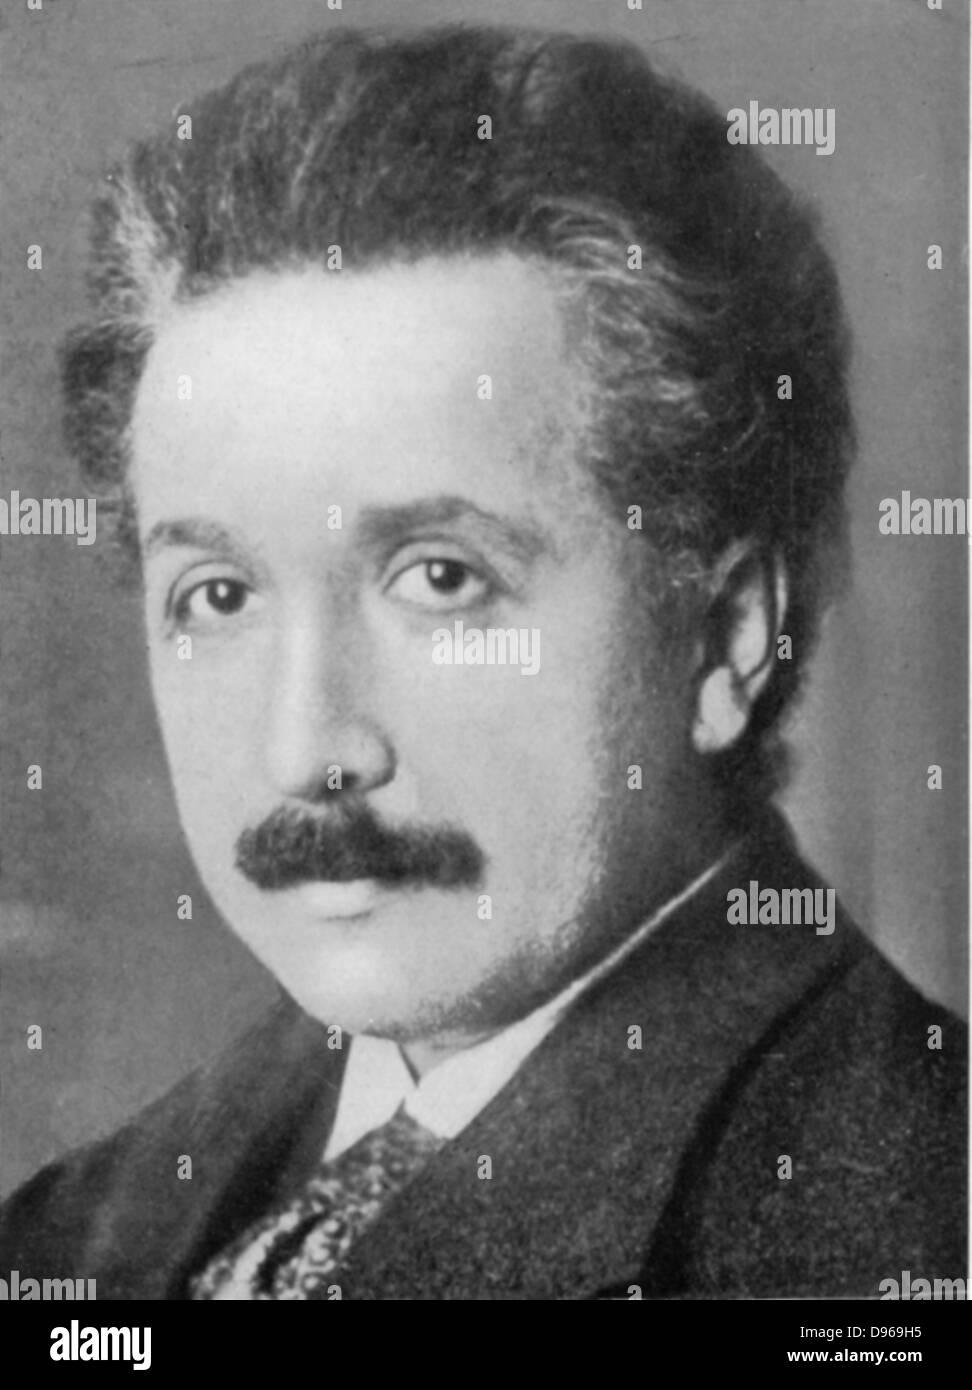 Albert Einstein (1879-1955) deutsch-schweizerischer Mathematiker: Relativitätstheorie. Einstein c1920 Stockbild